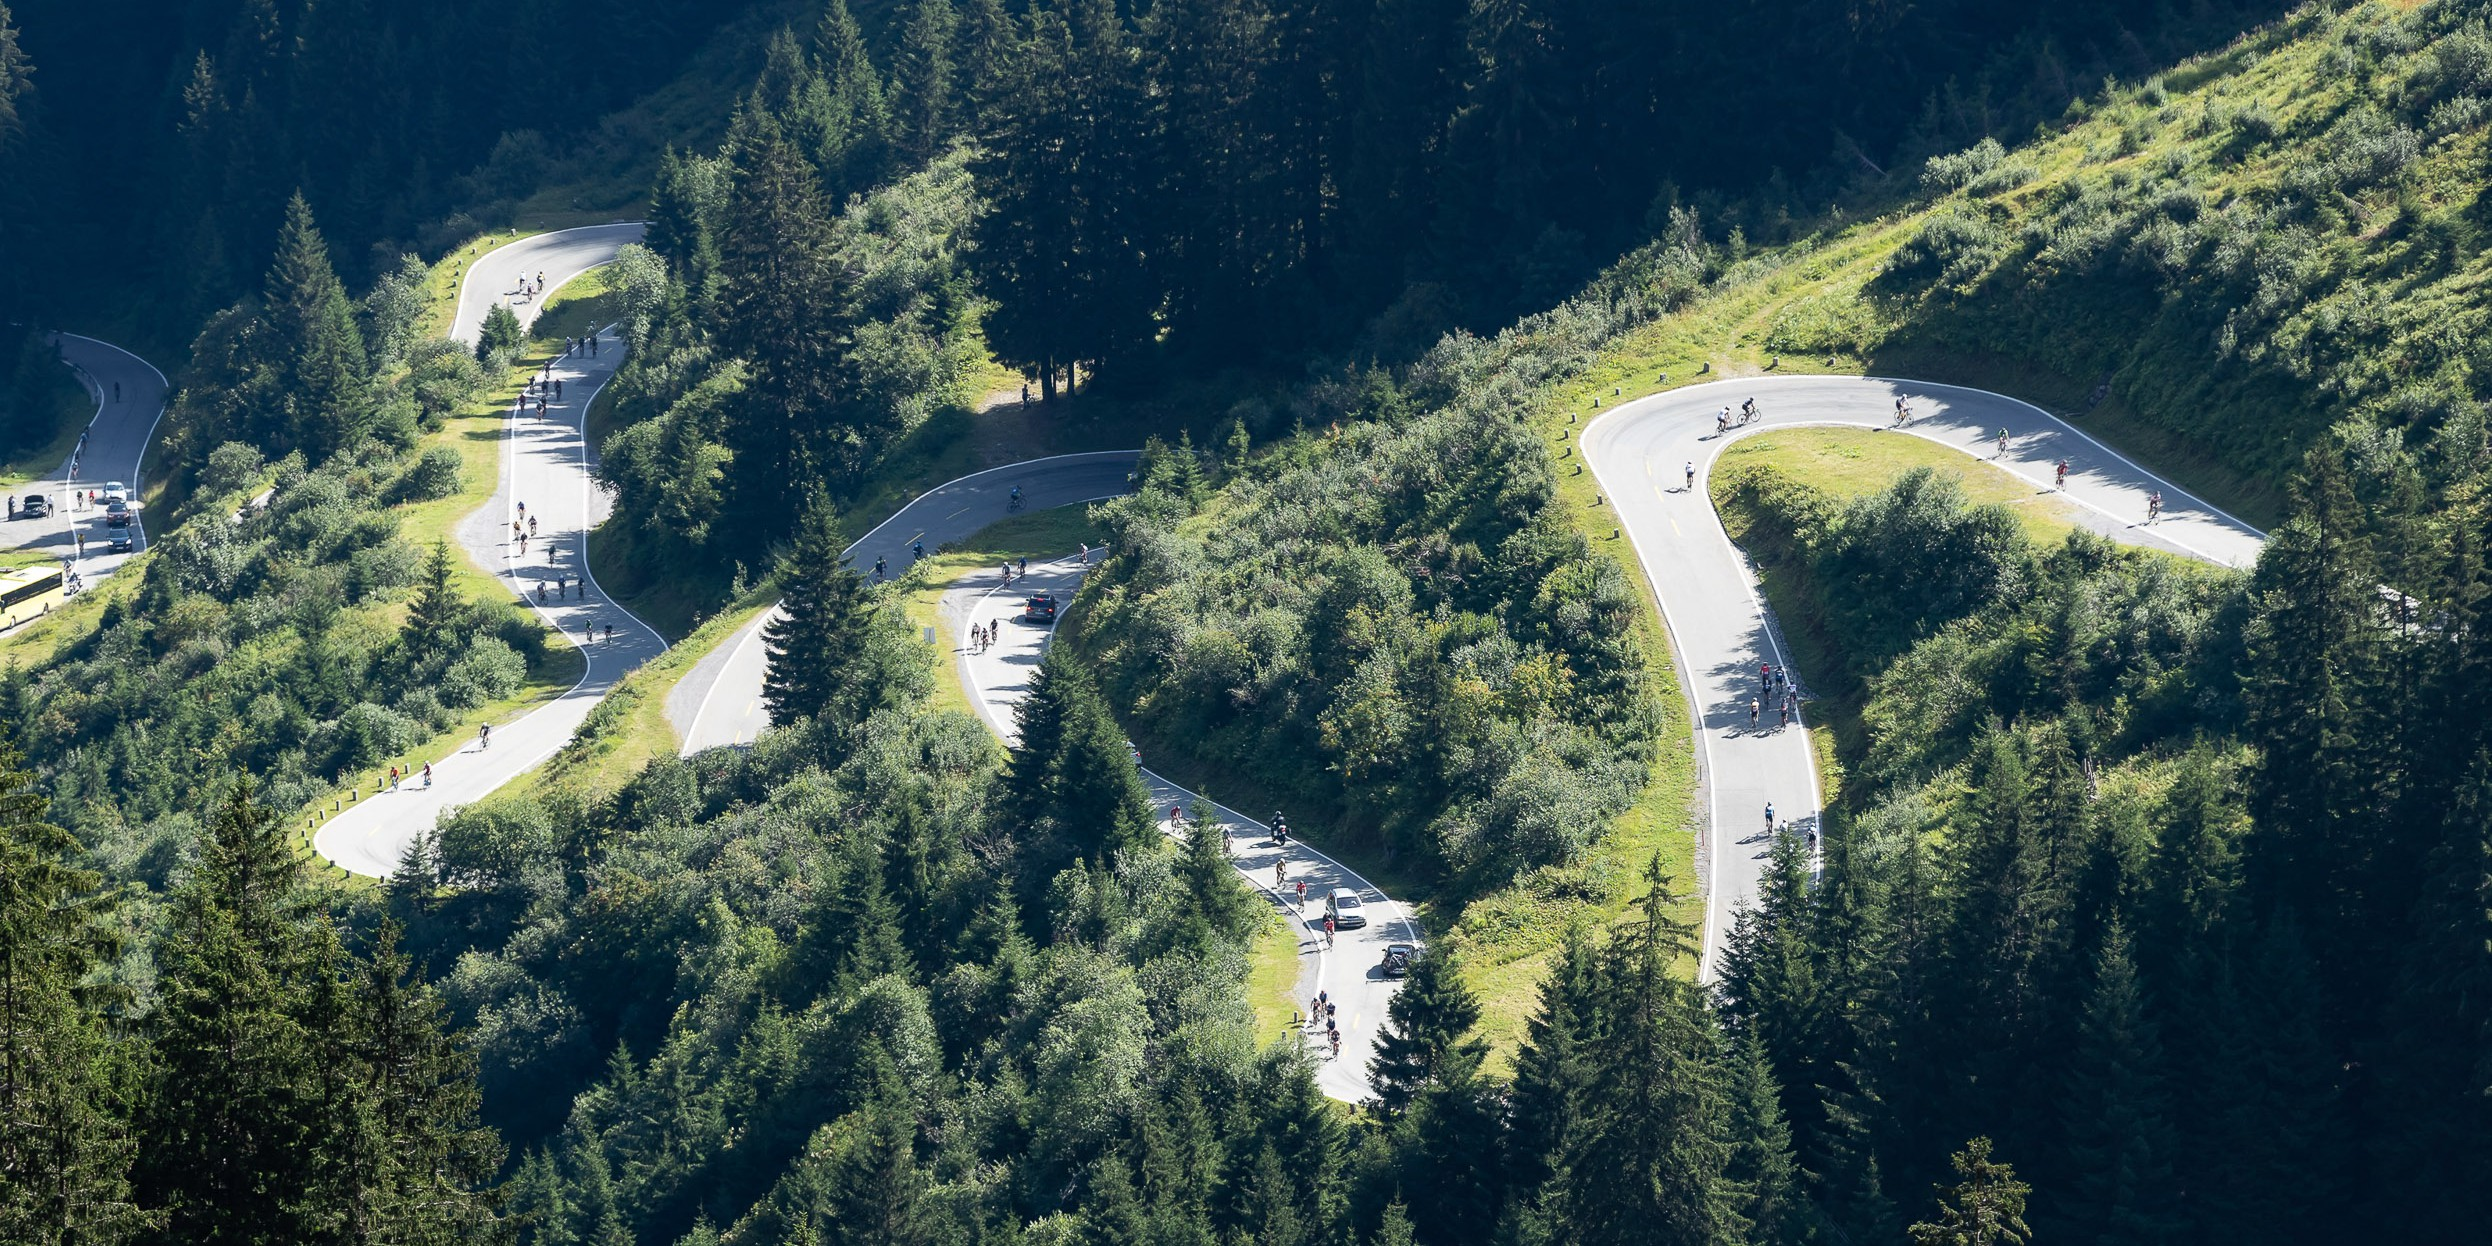 Sondersendung zum Arlberg Giro